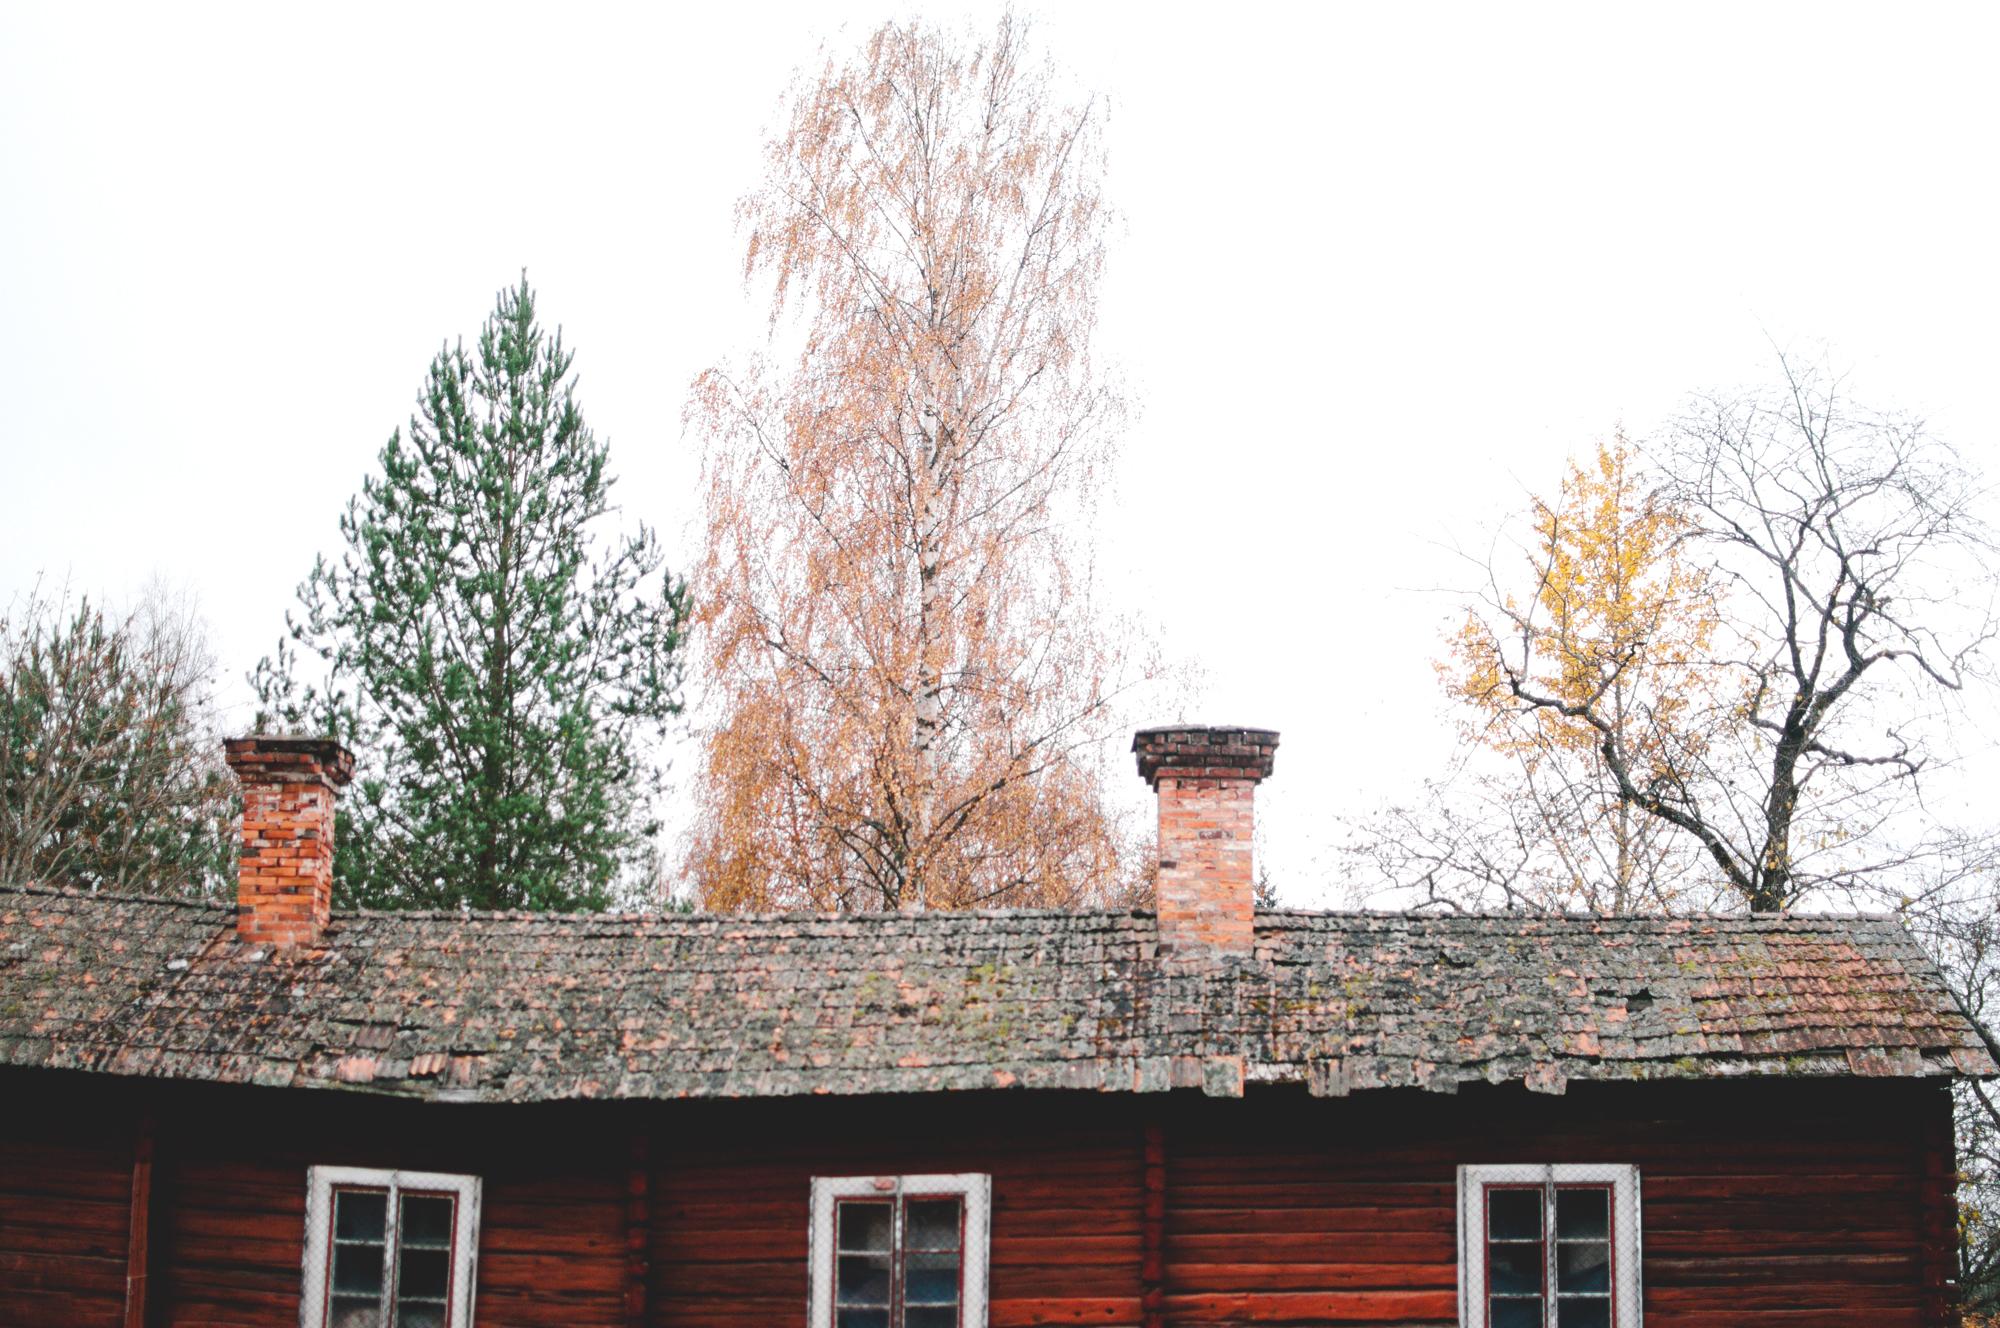 Barkarbacken_Dalarna_MartaVargas-4.jpg